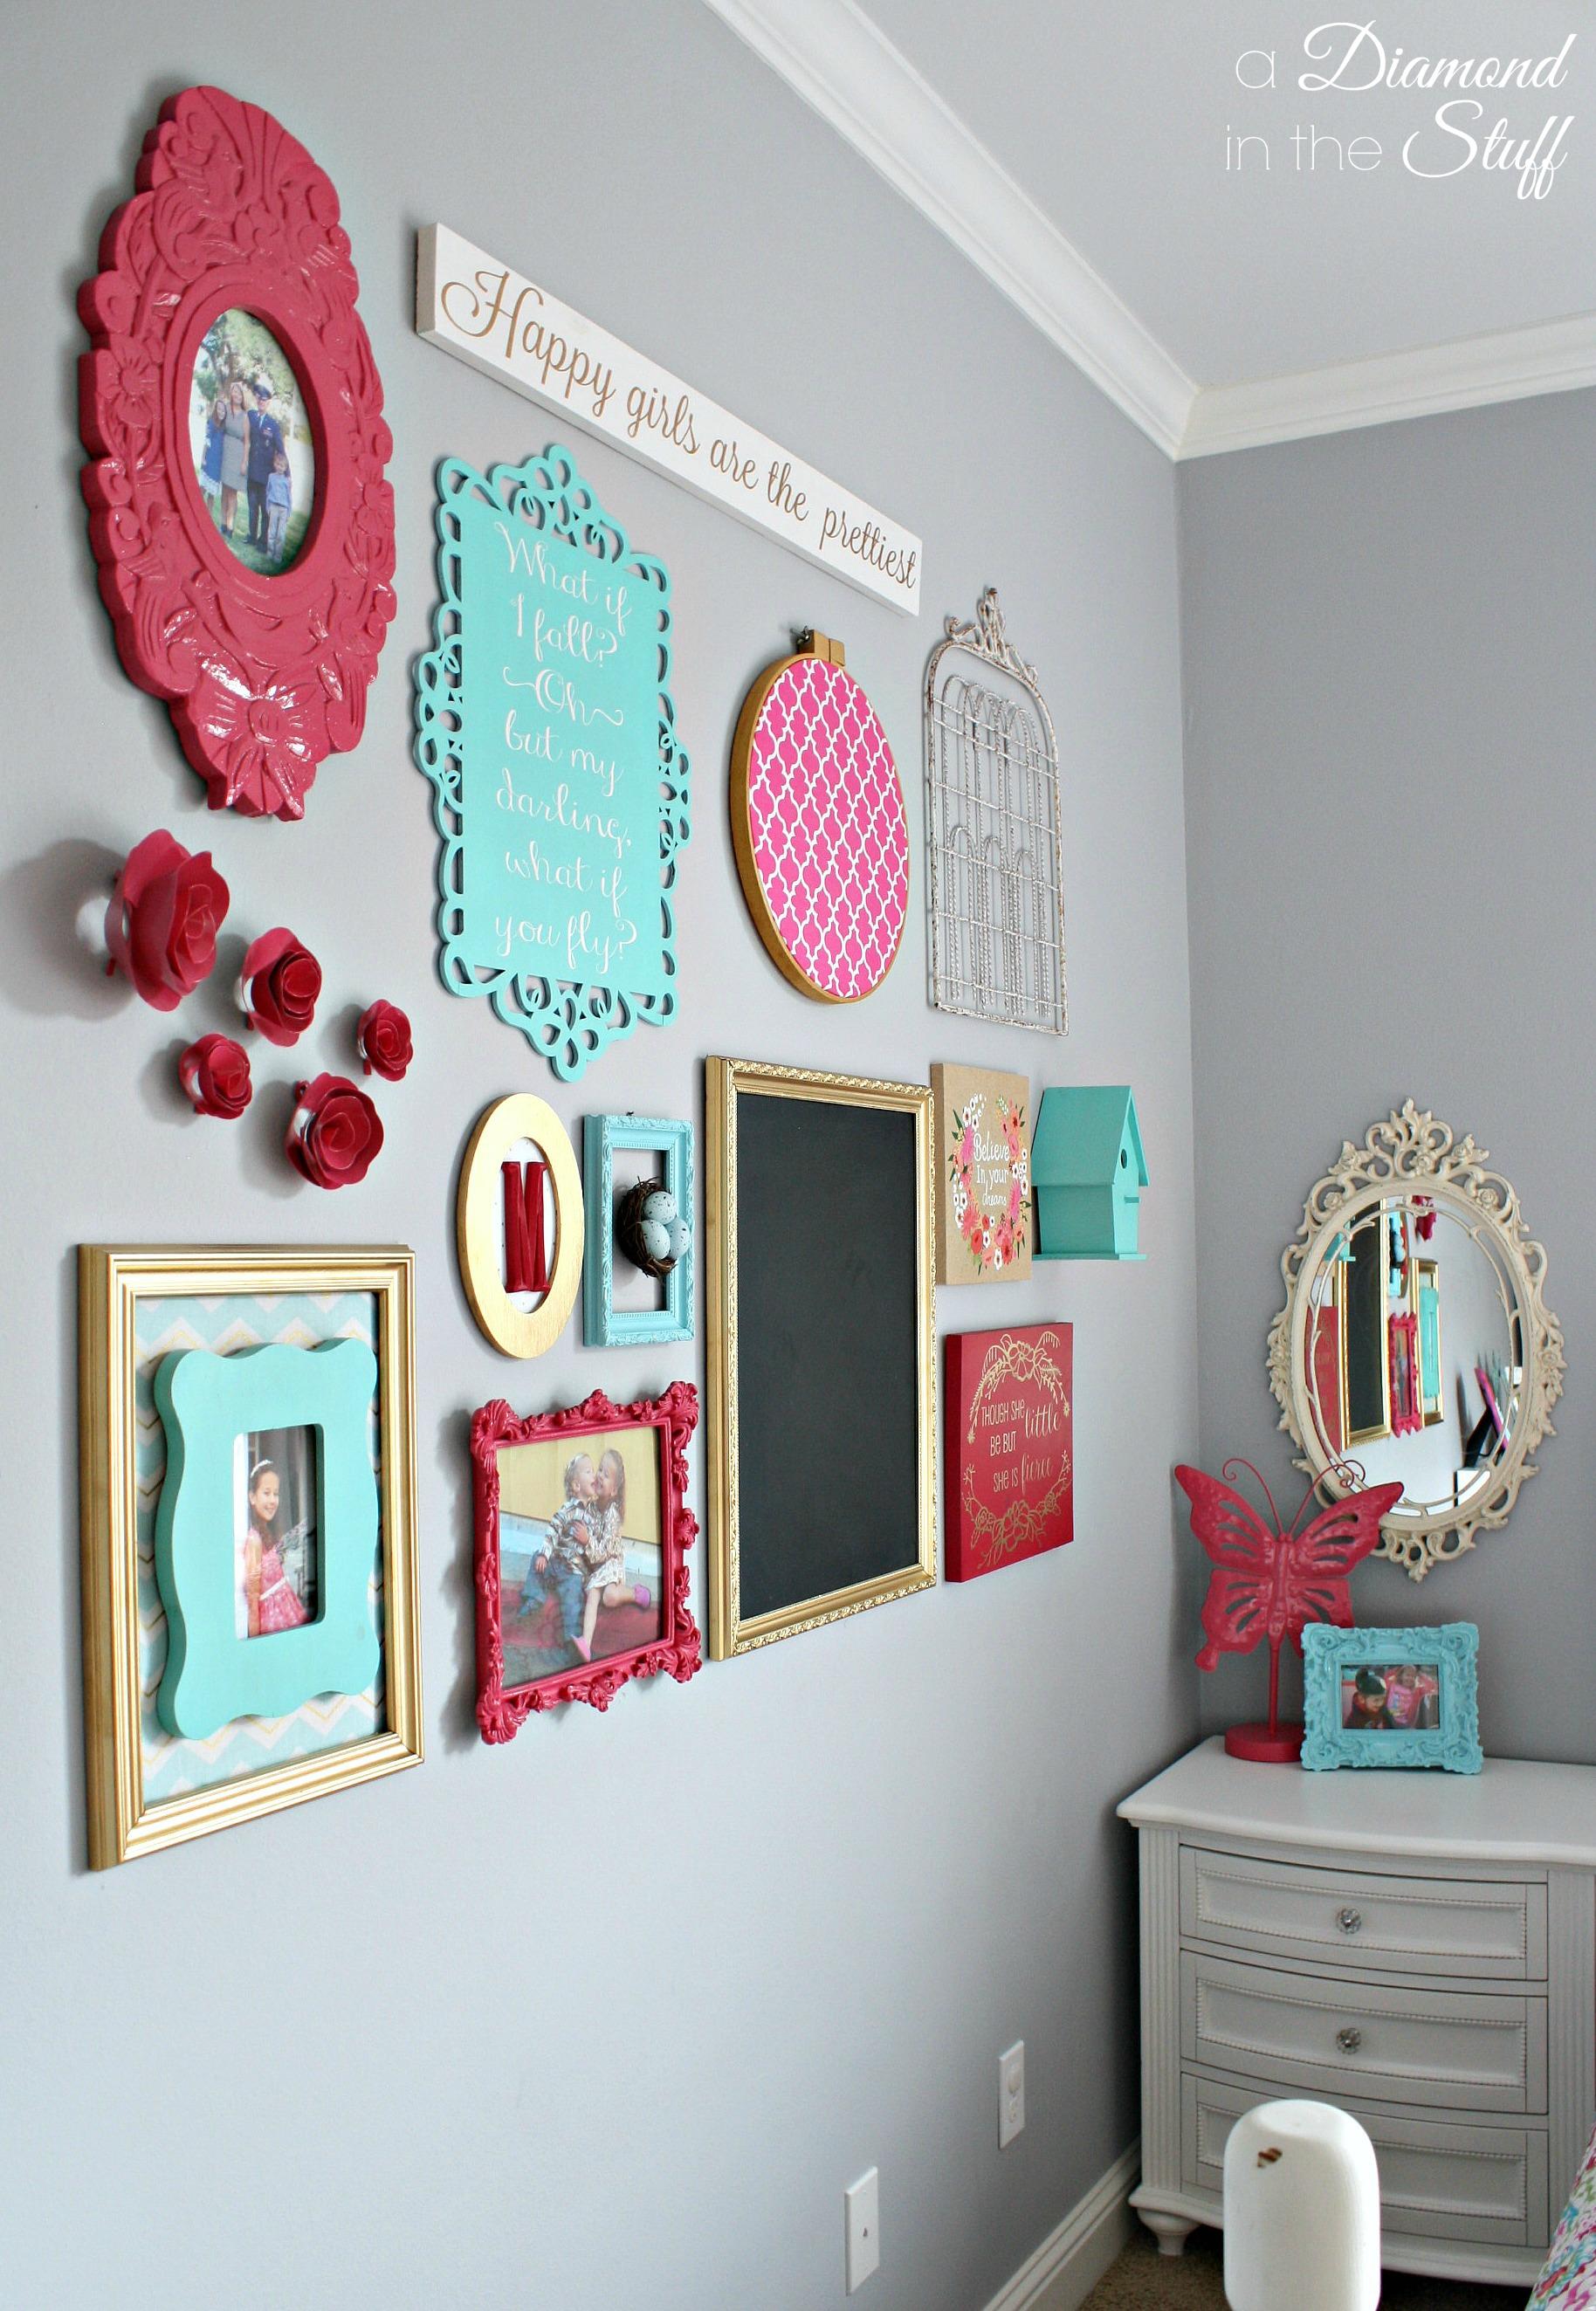 Girl's Room Gallery Wall on Room Wall Decor id=37251